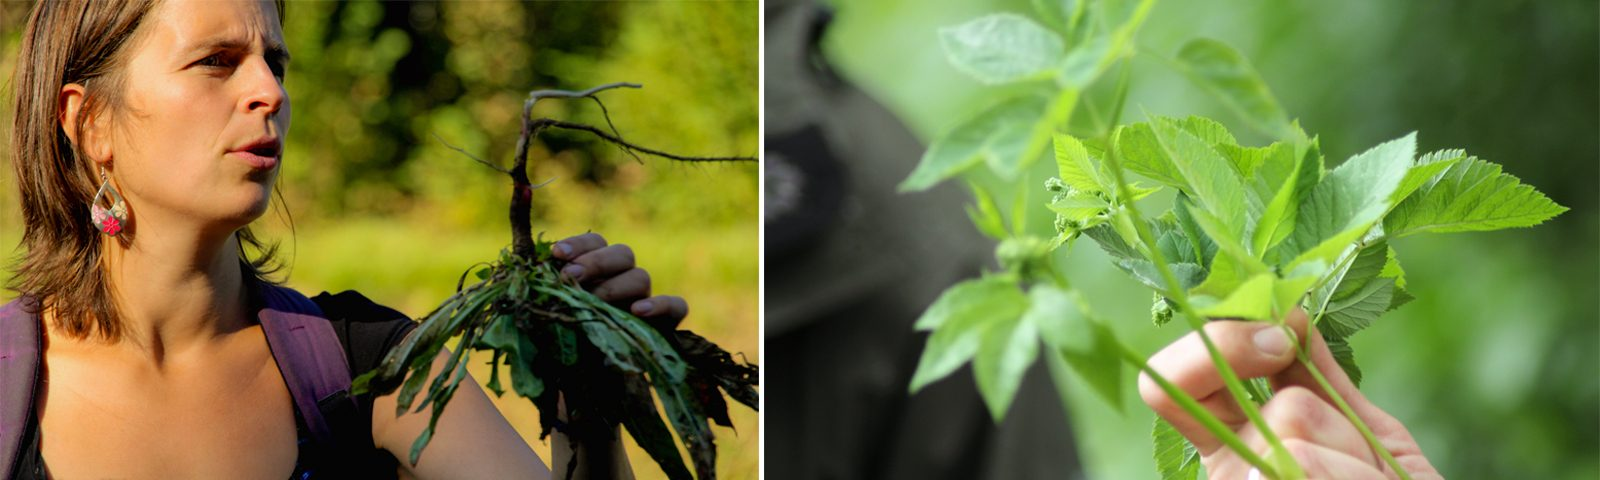 Kräuterführungen mit Maria Moch und heilsamen und essbaren Wildpflanzen